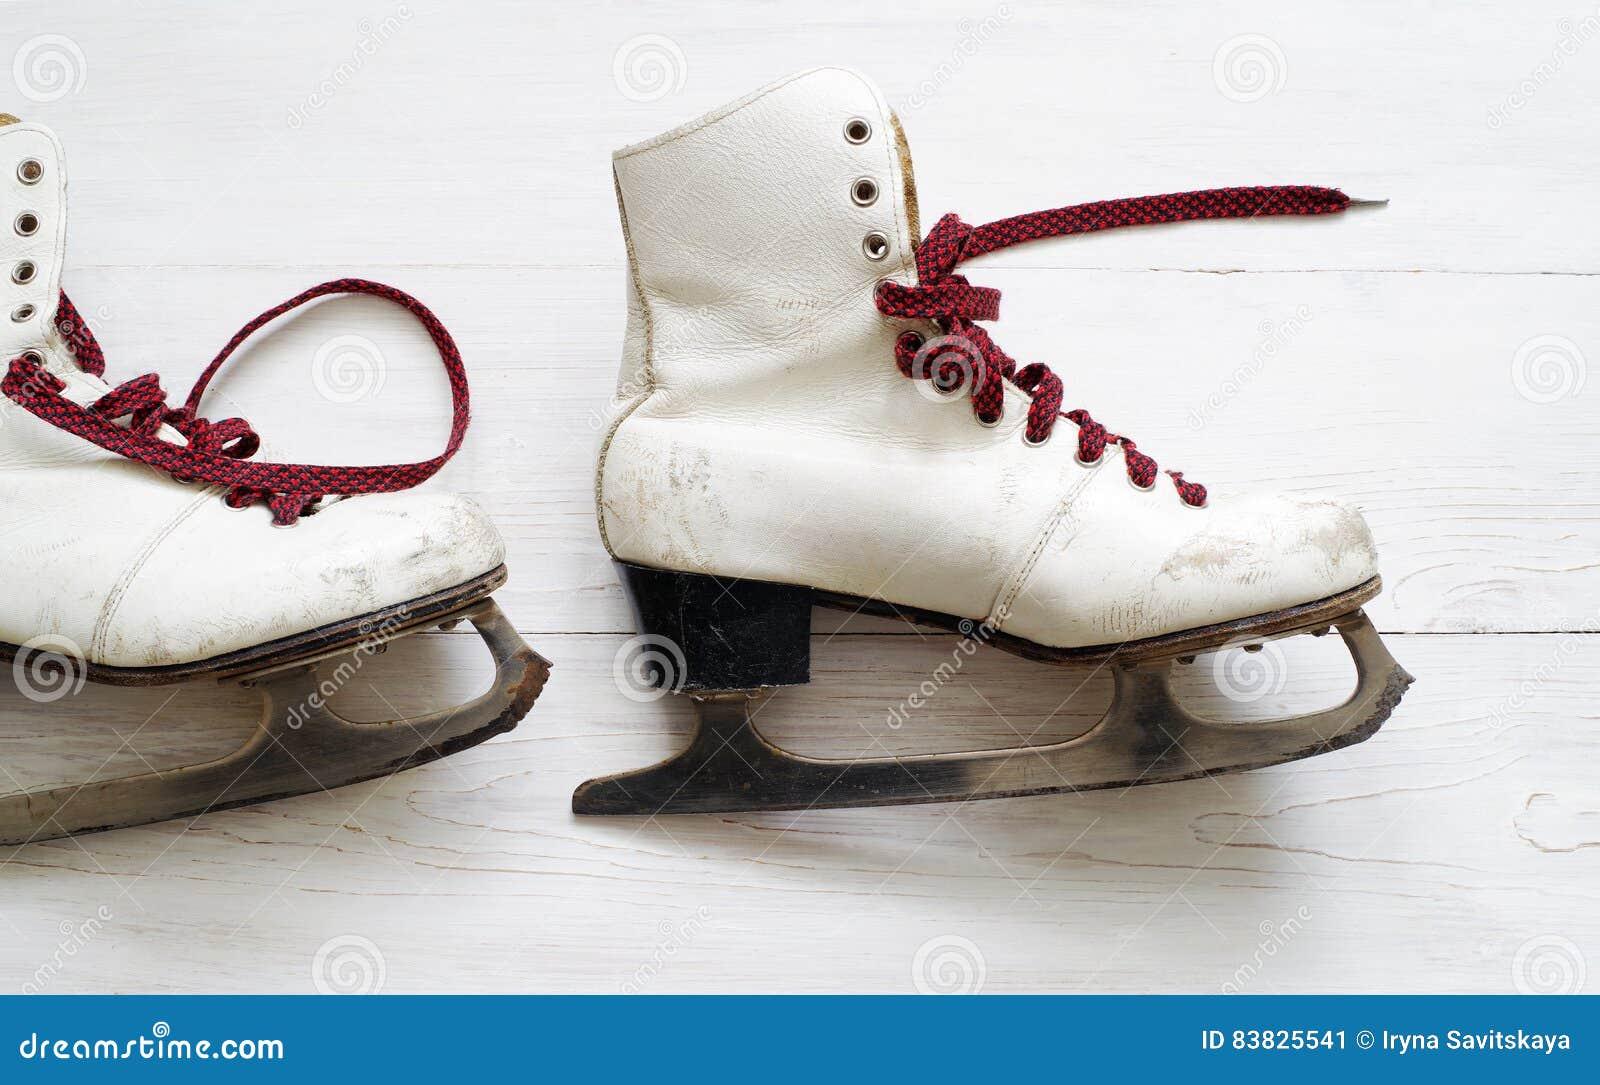 Roller skates for figure skating - Old White Skates For Figure Skating